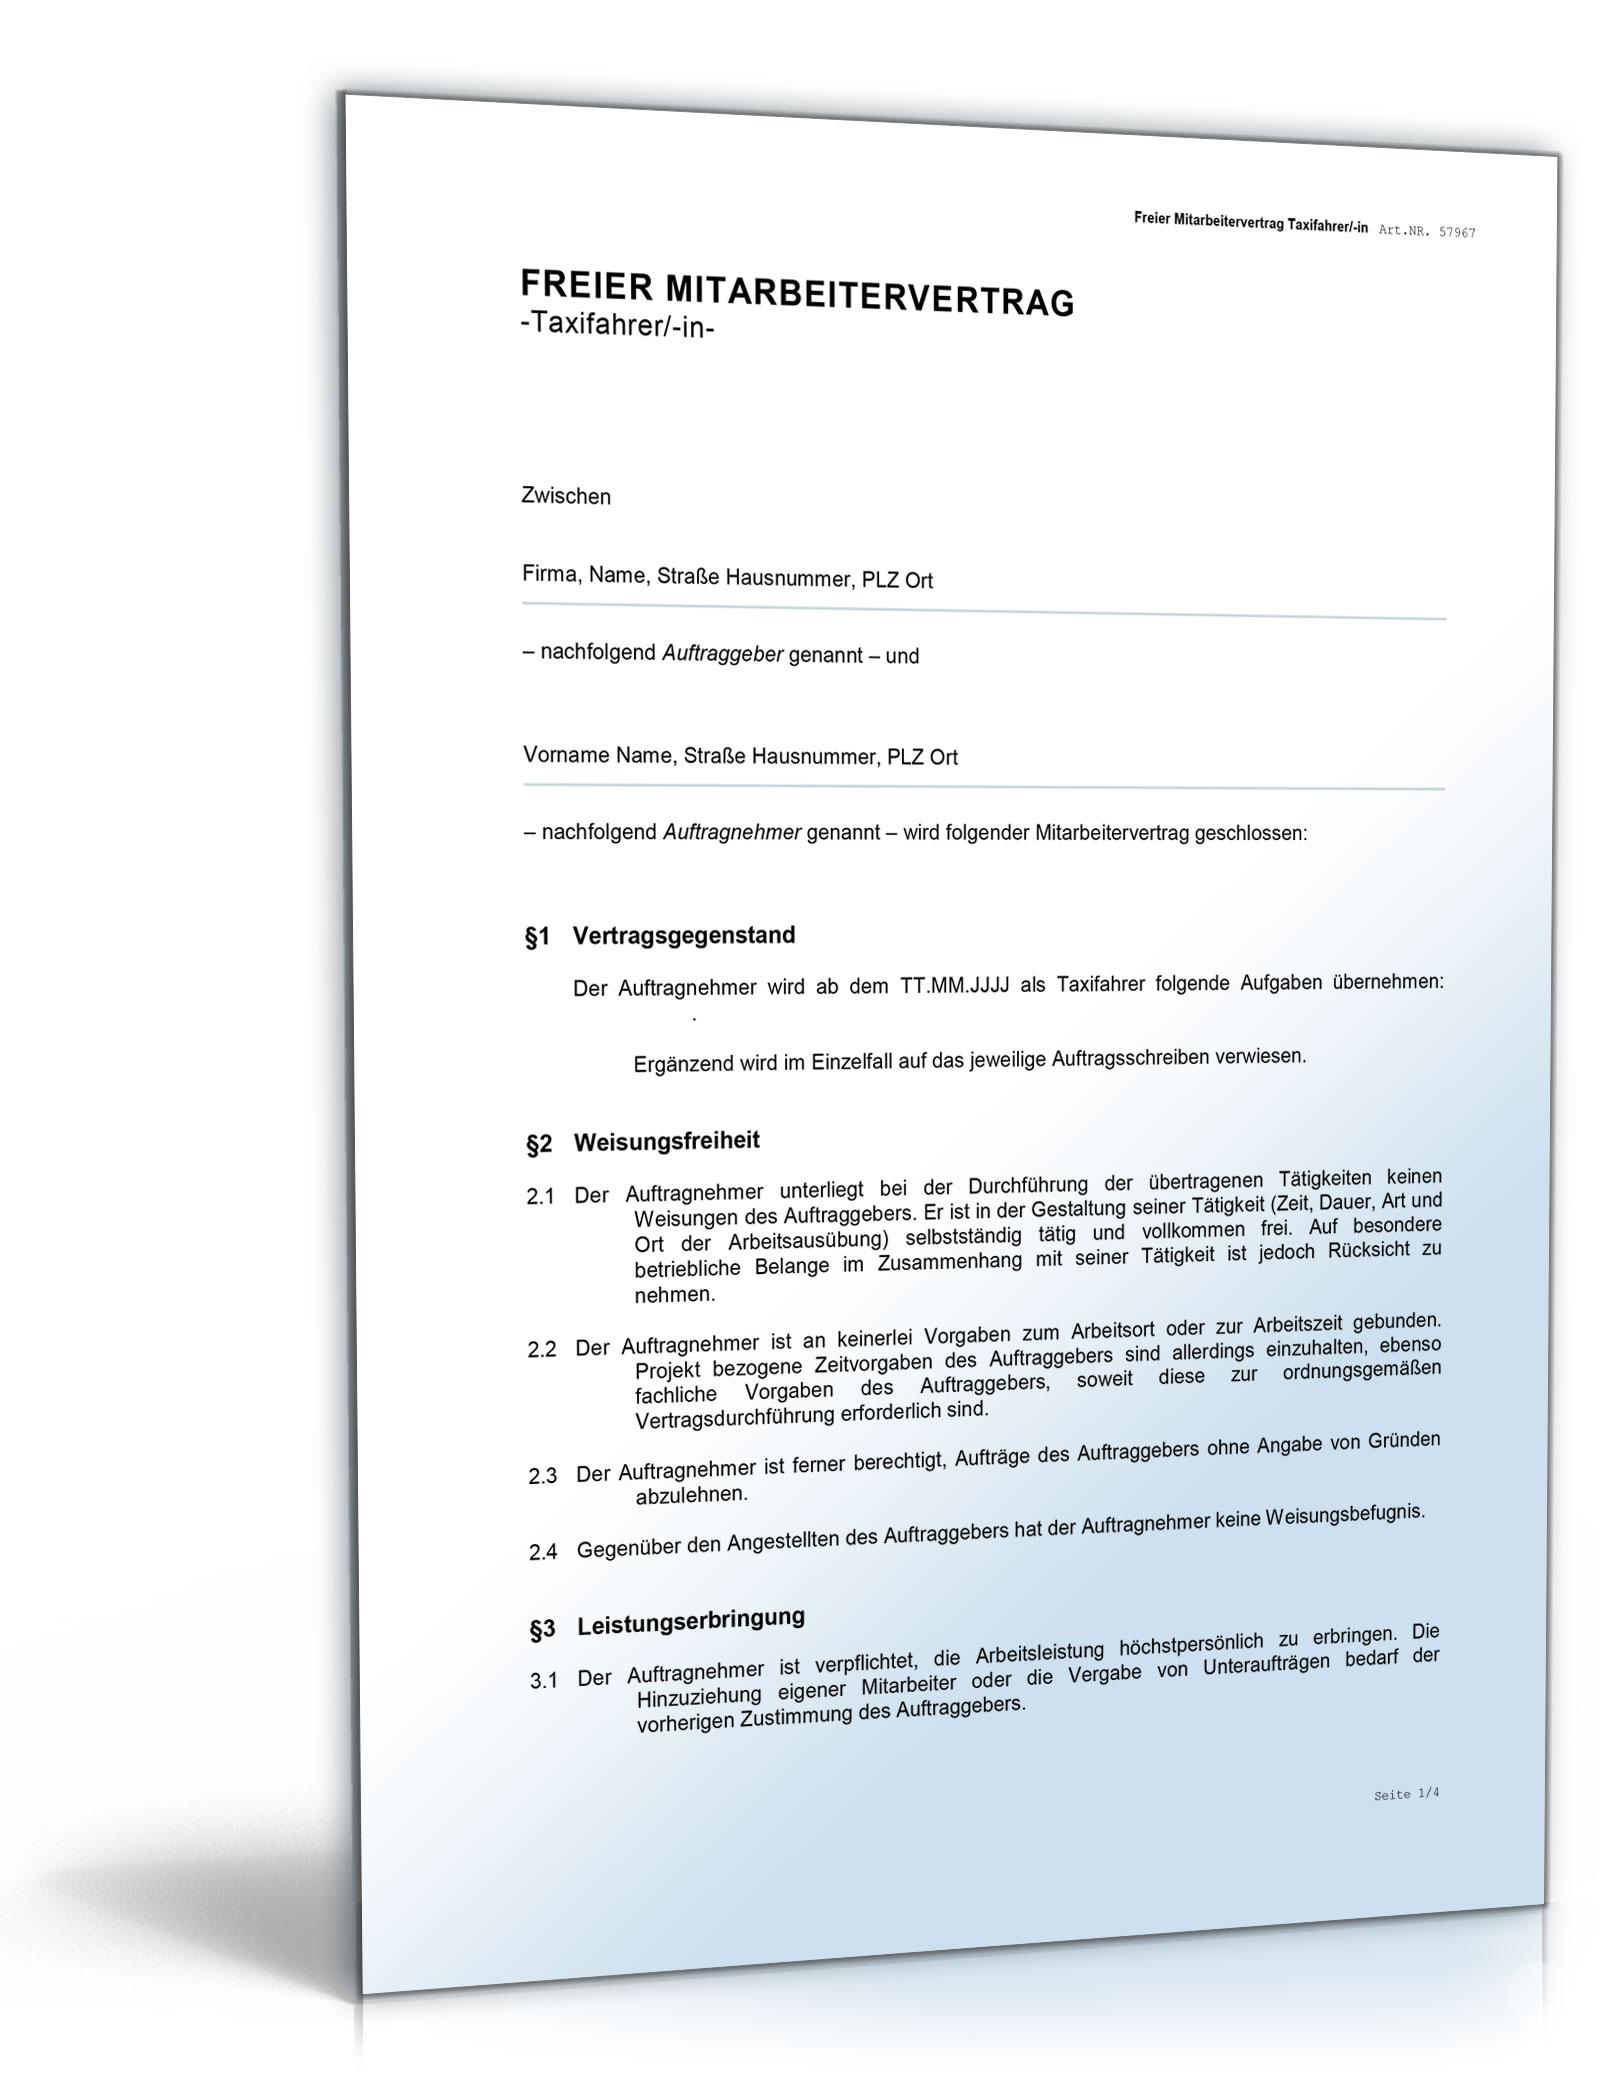 Freier Mitarbeitervertrag Für Taxifahrer De Vertrag Download